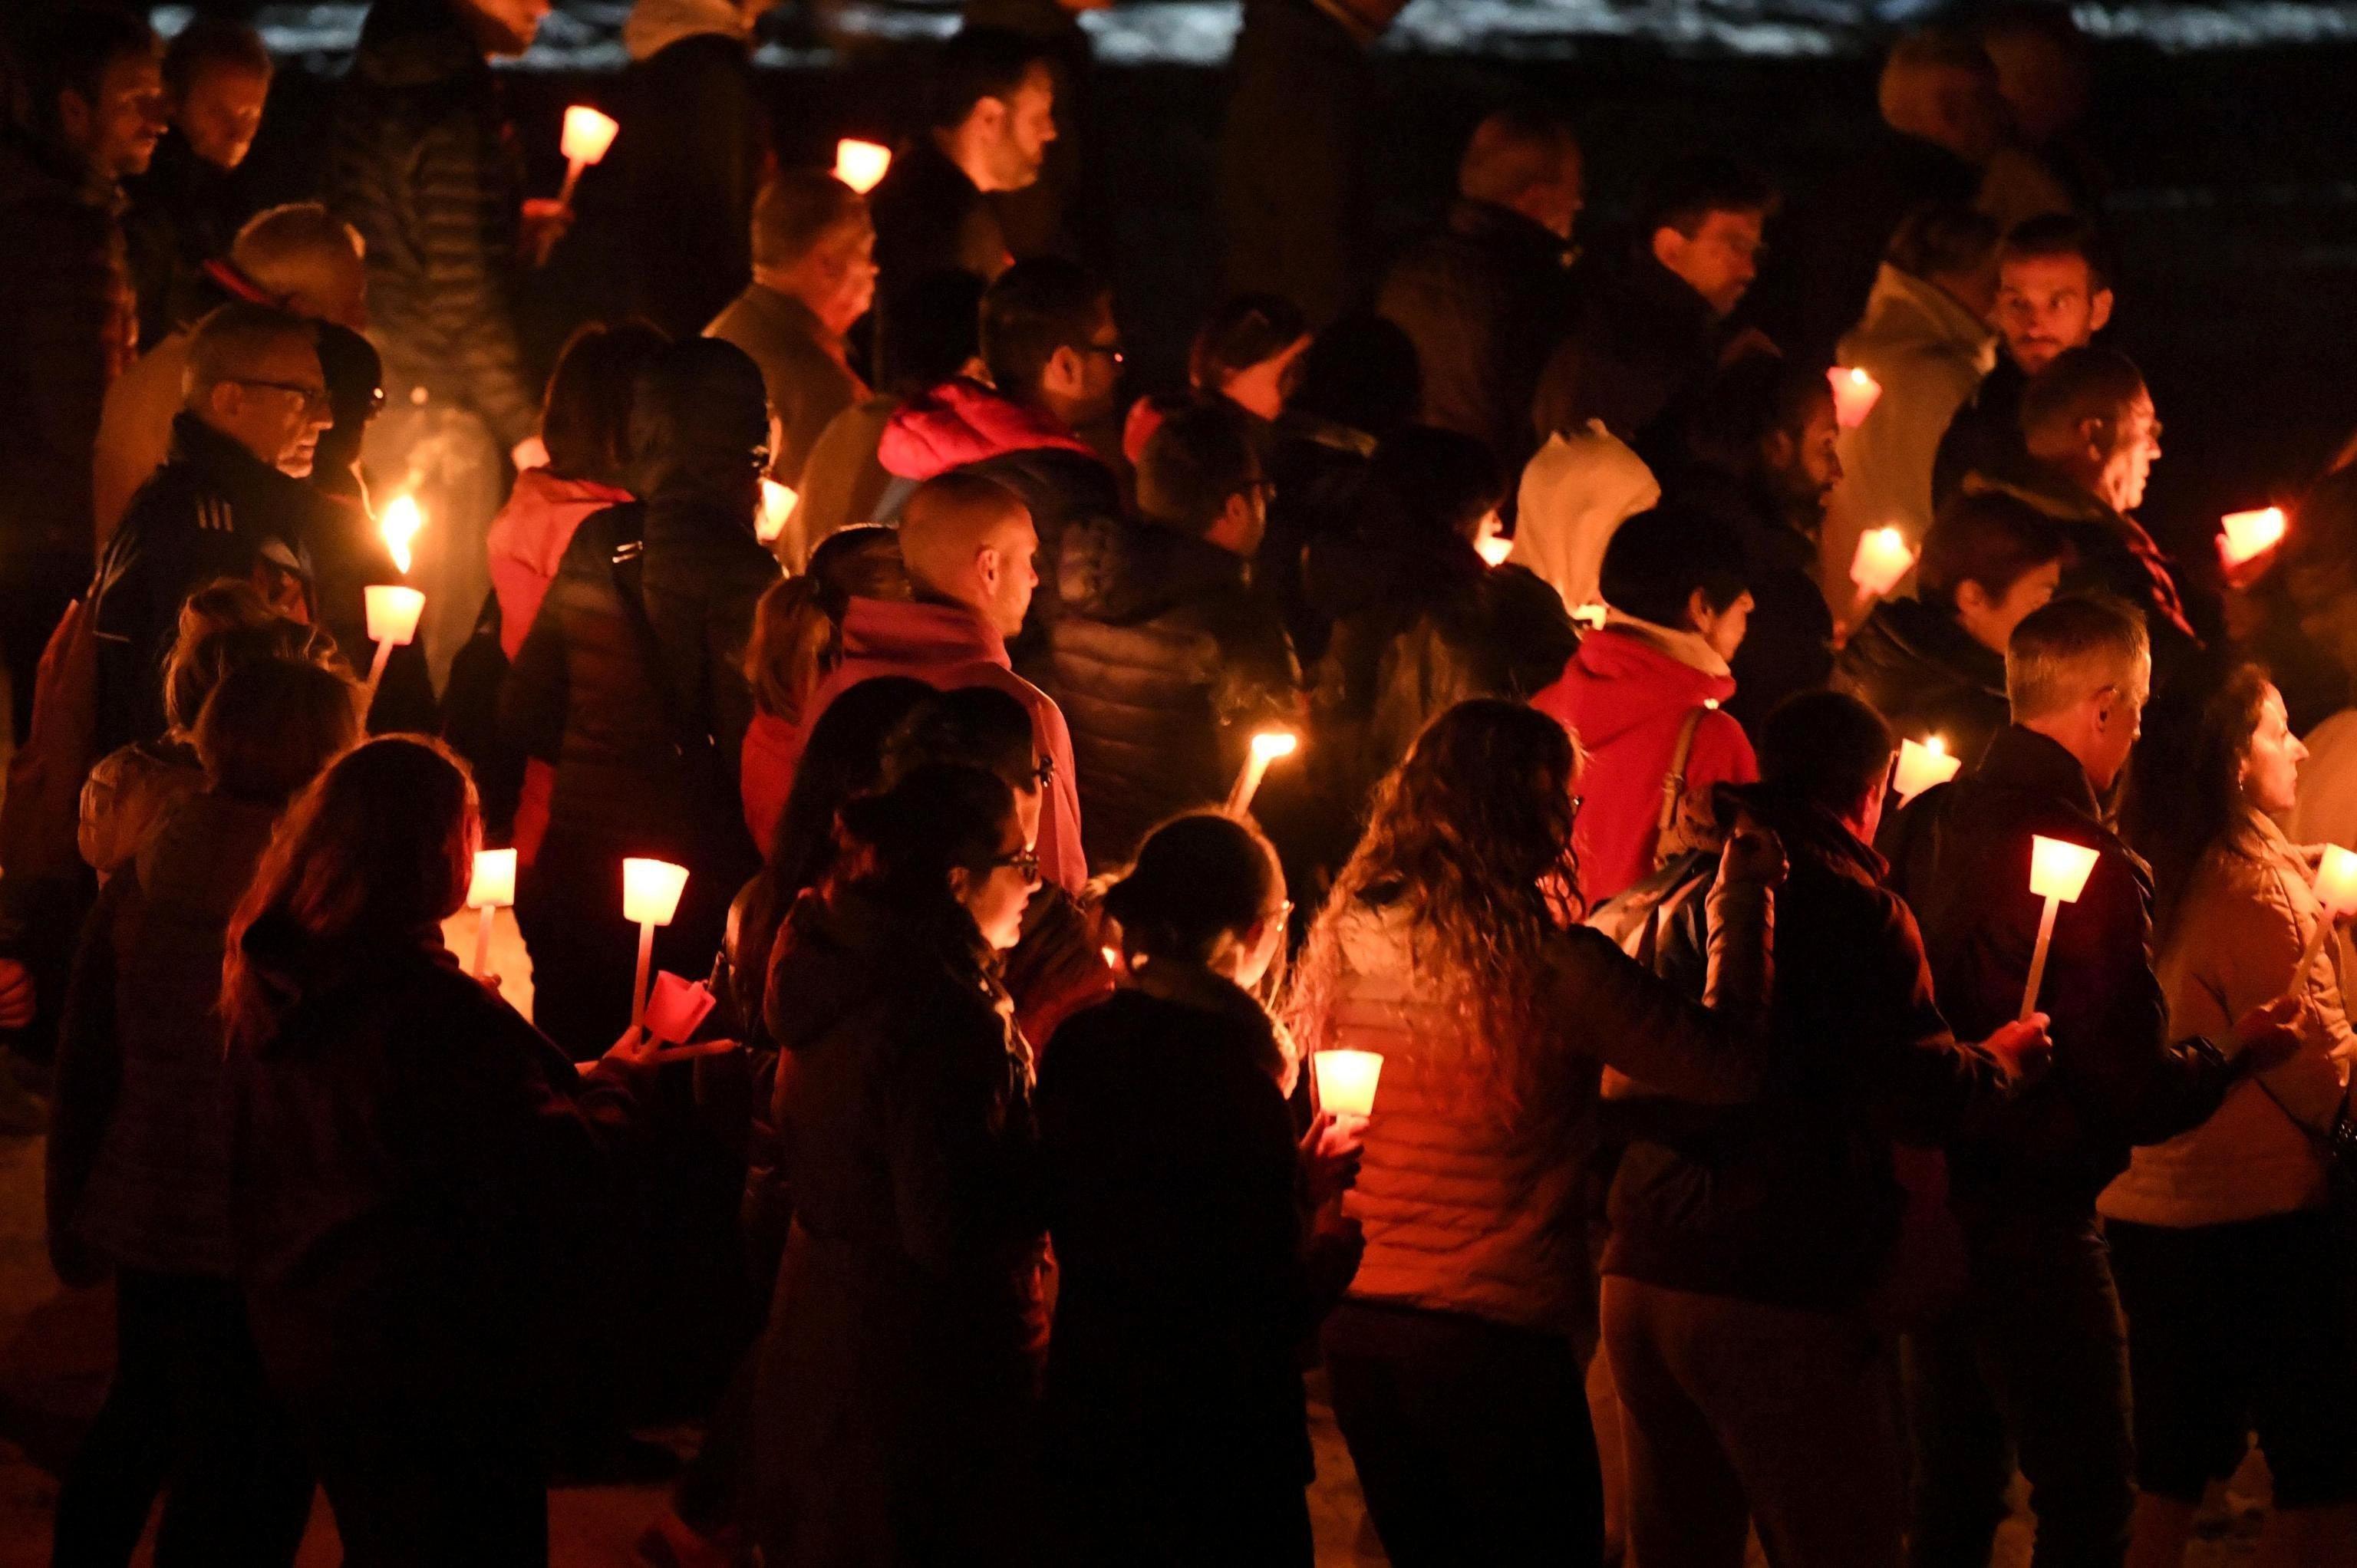 Diverses persones participen en una vigília pel primer aniversari del terratrèmol registrat a Amatrice, Itàlia. /EMILIANO GRILLOTTI